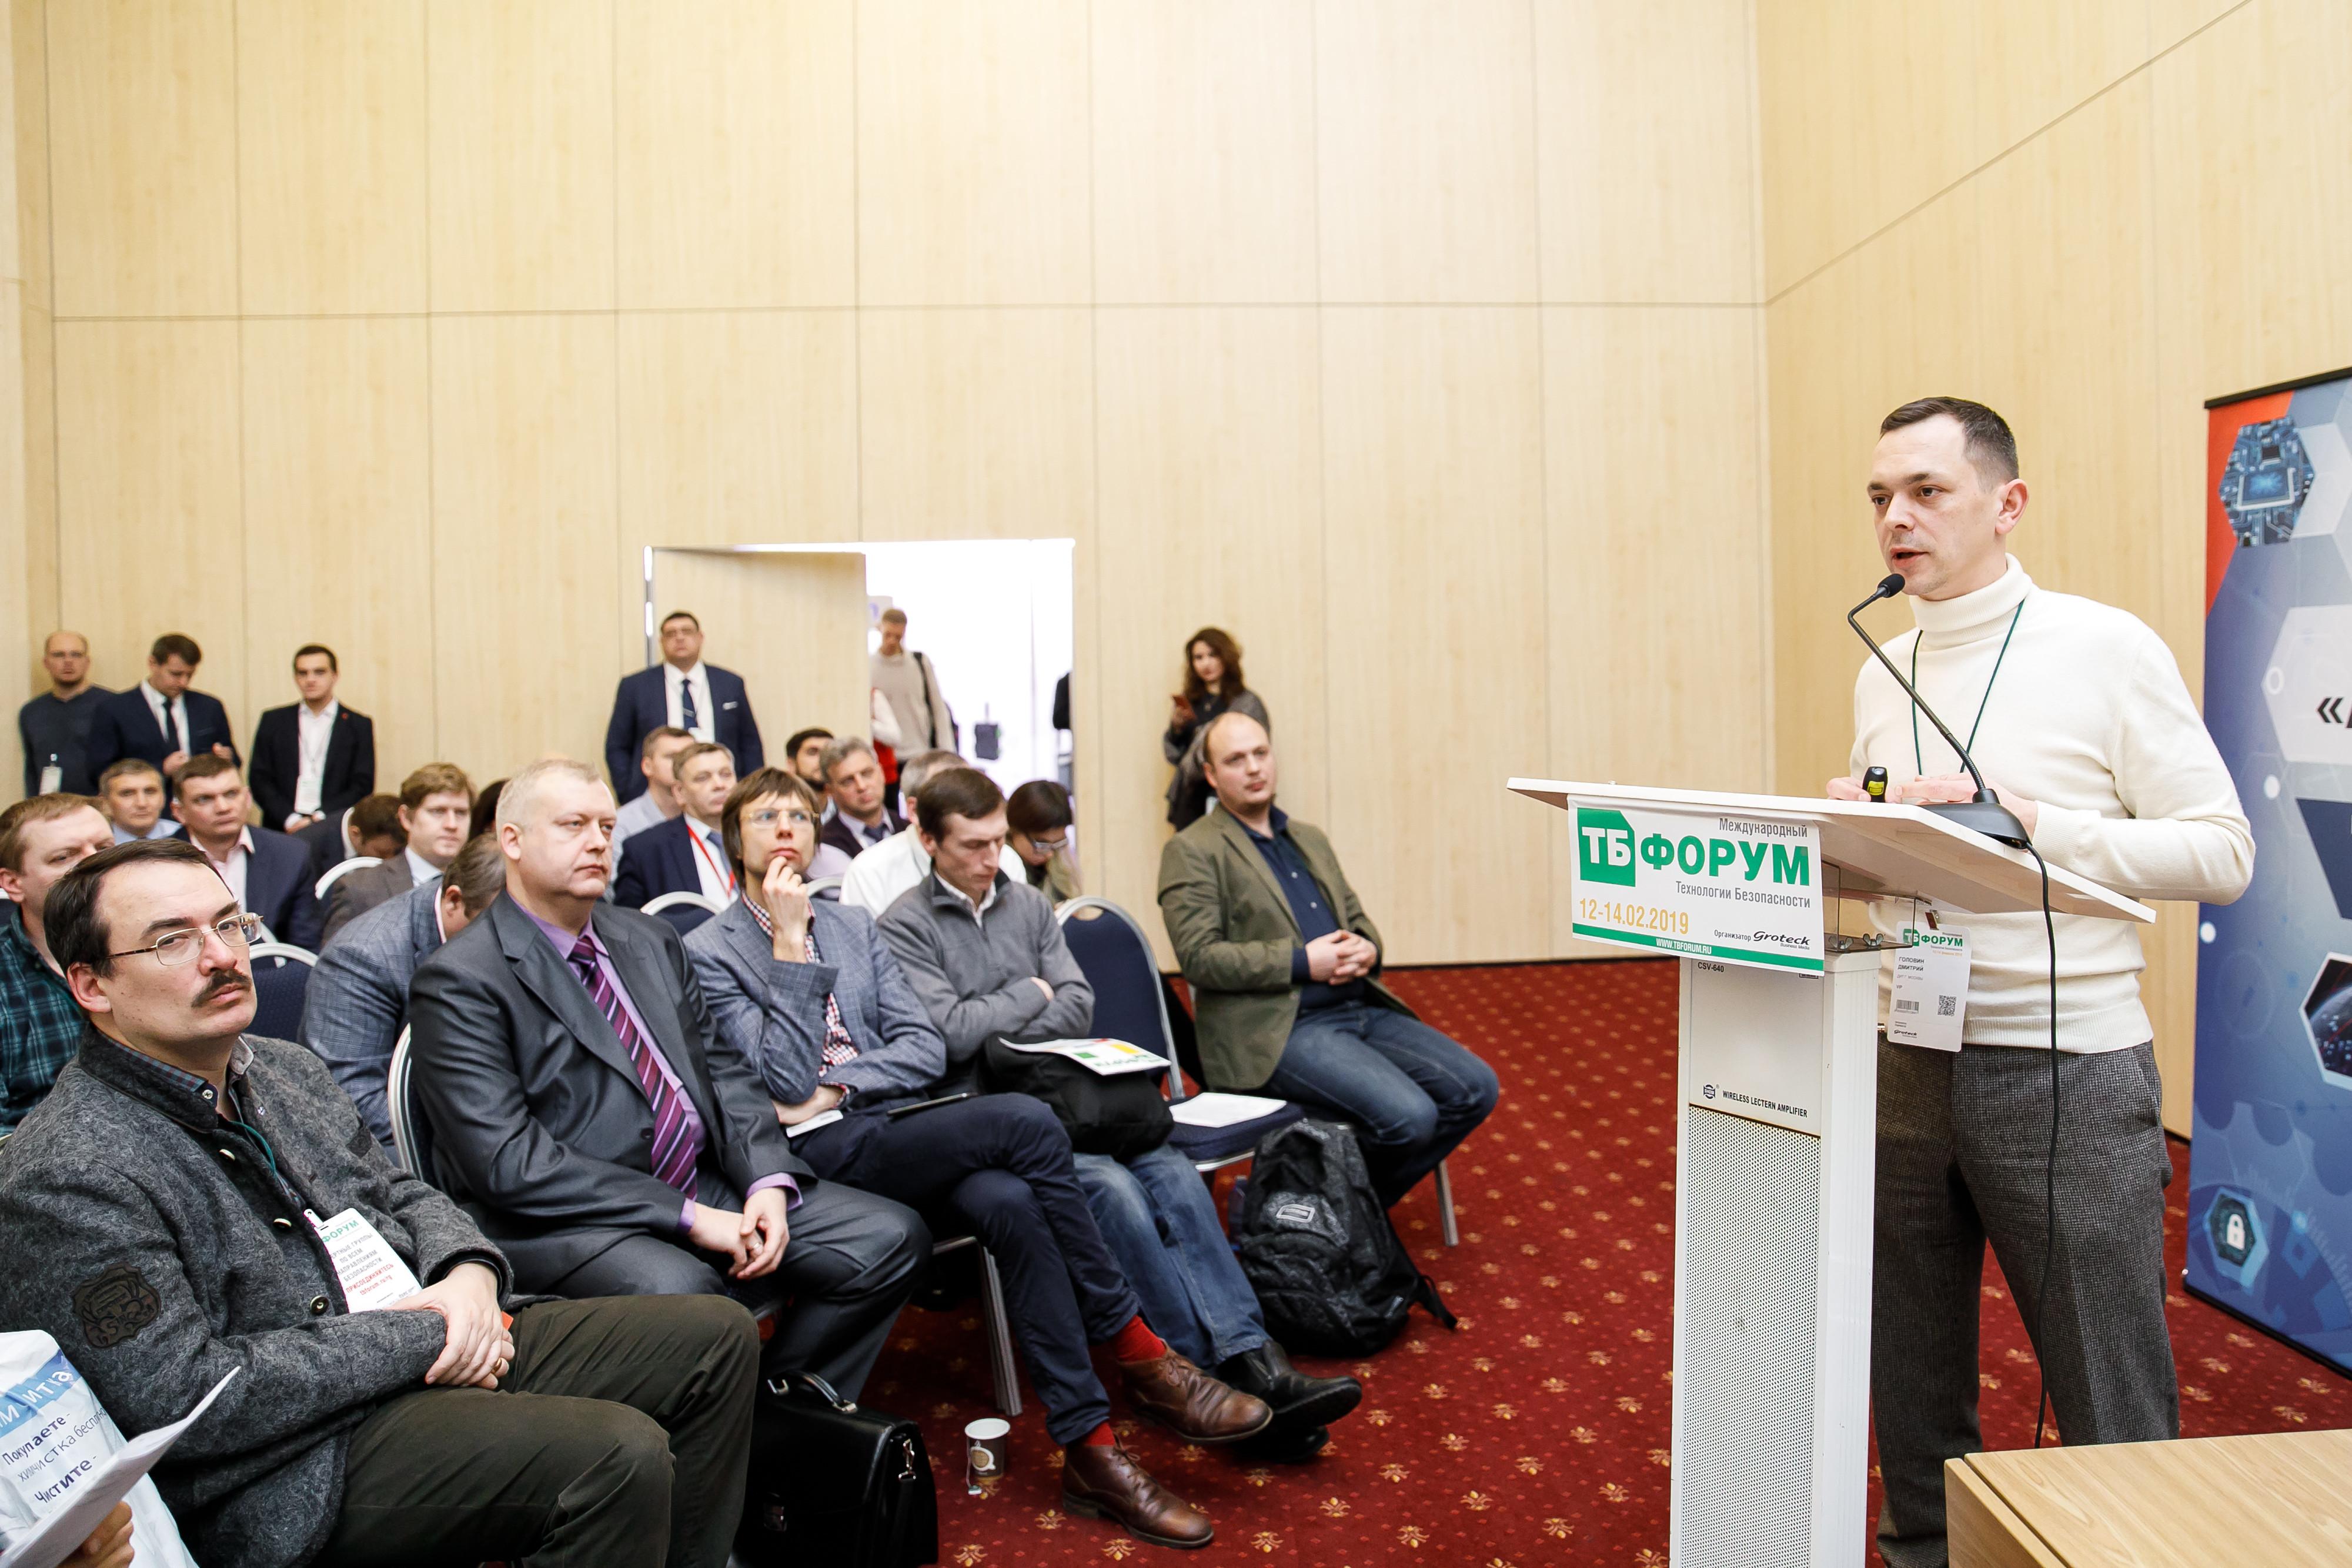 ДИТ г. Москвы объявил тендер по предоставлению информации об объектах видеонаблюдения в ЕЦХД на 1,5 млрд рублей